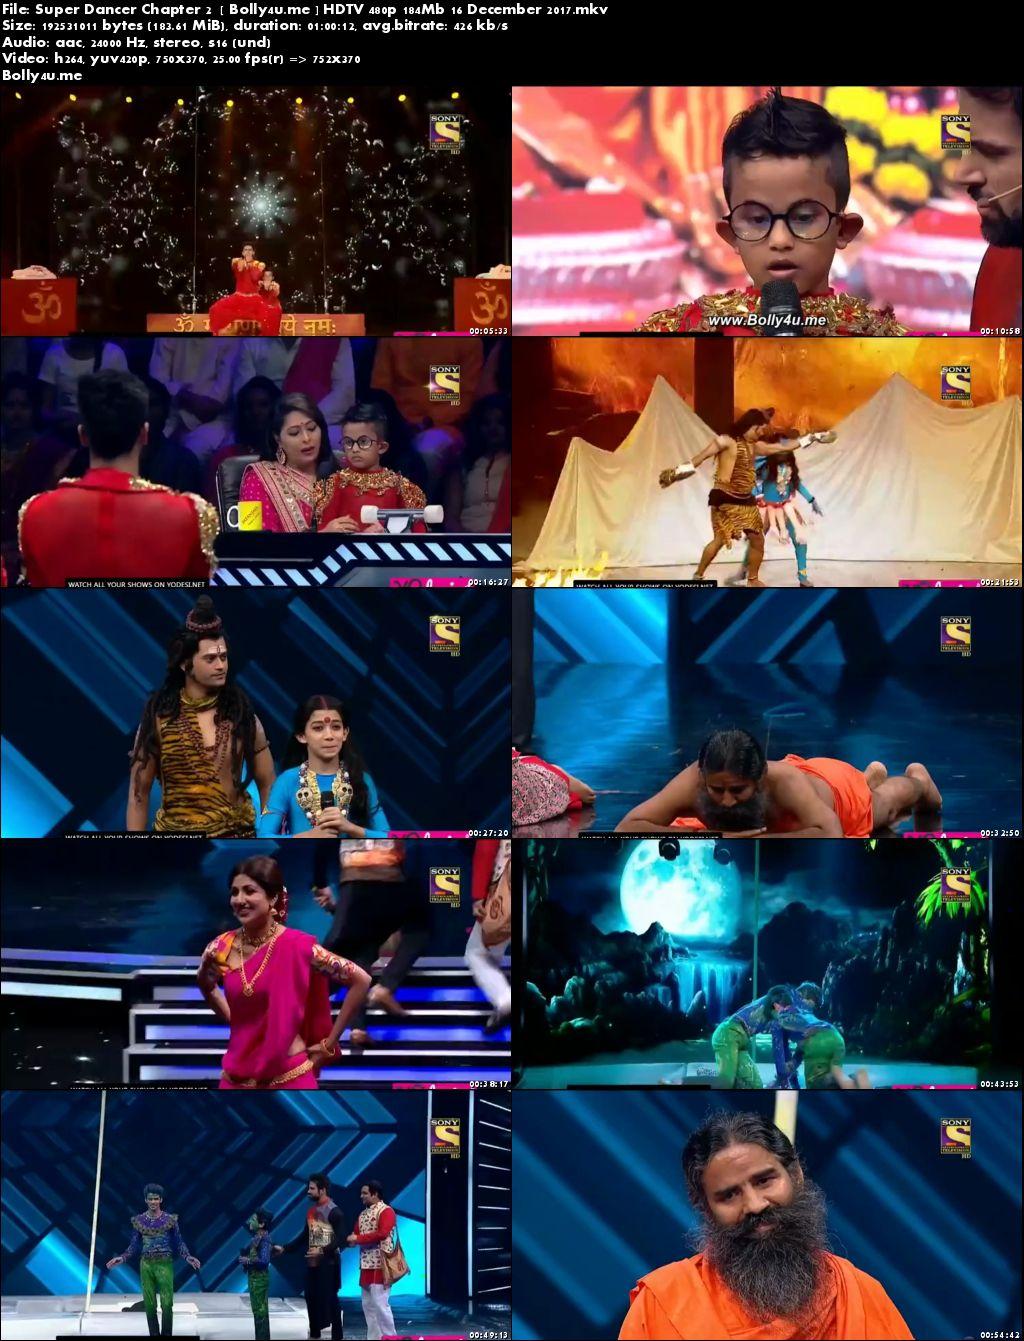 Super Dancer Chapter 2 HDTV 480p 180Mb 16 Dec 2017 Download